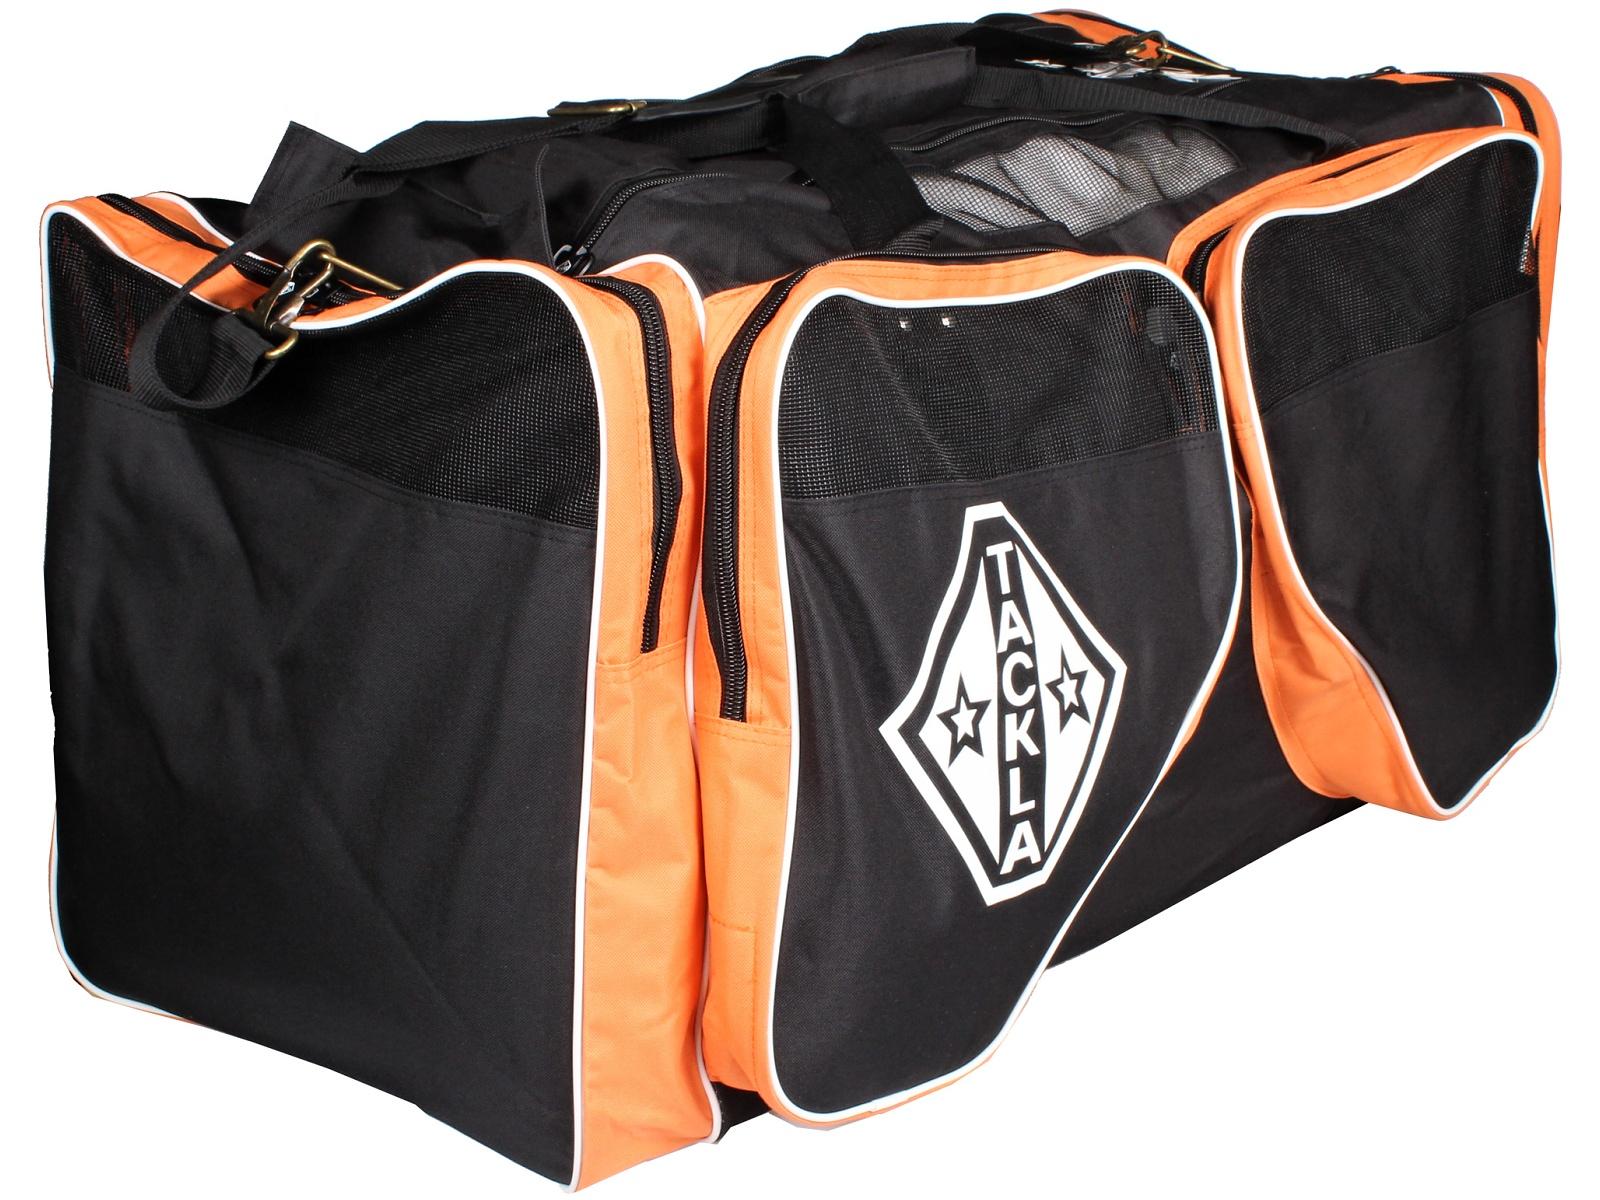 Hokejová taška TACKLA VE Equipment Bag SR černo-oranžová